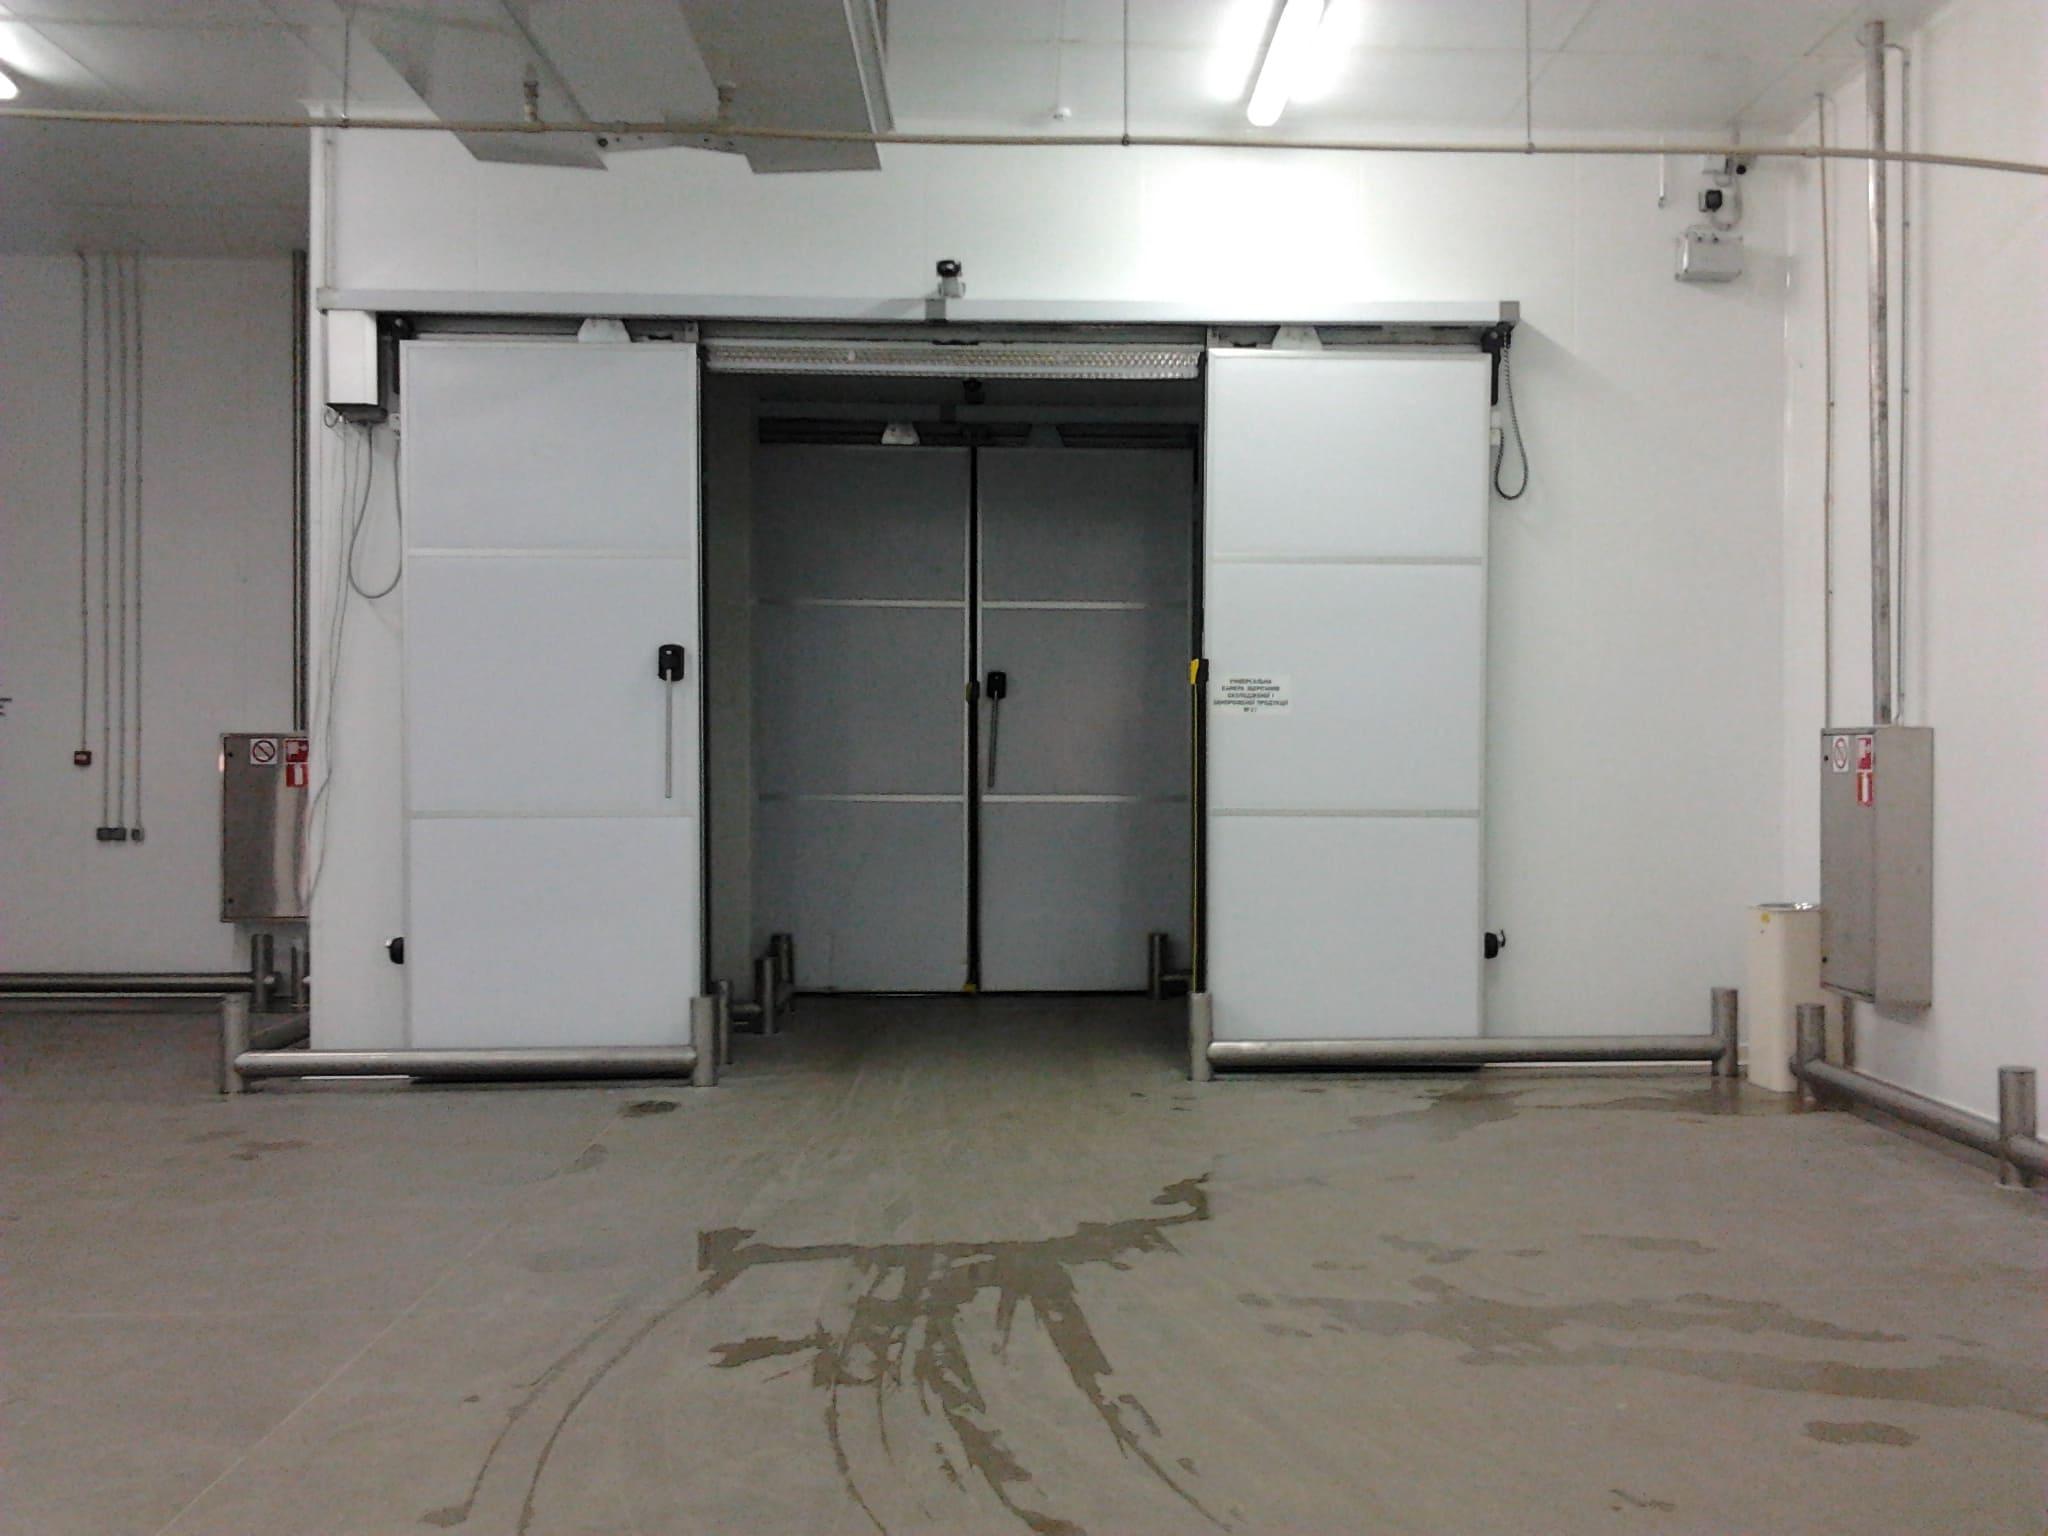 технические откатные двери рутс 2